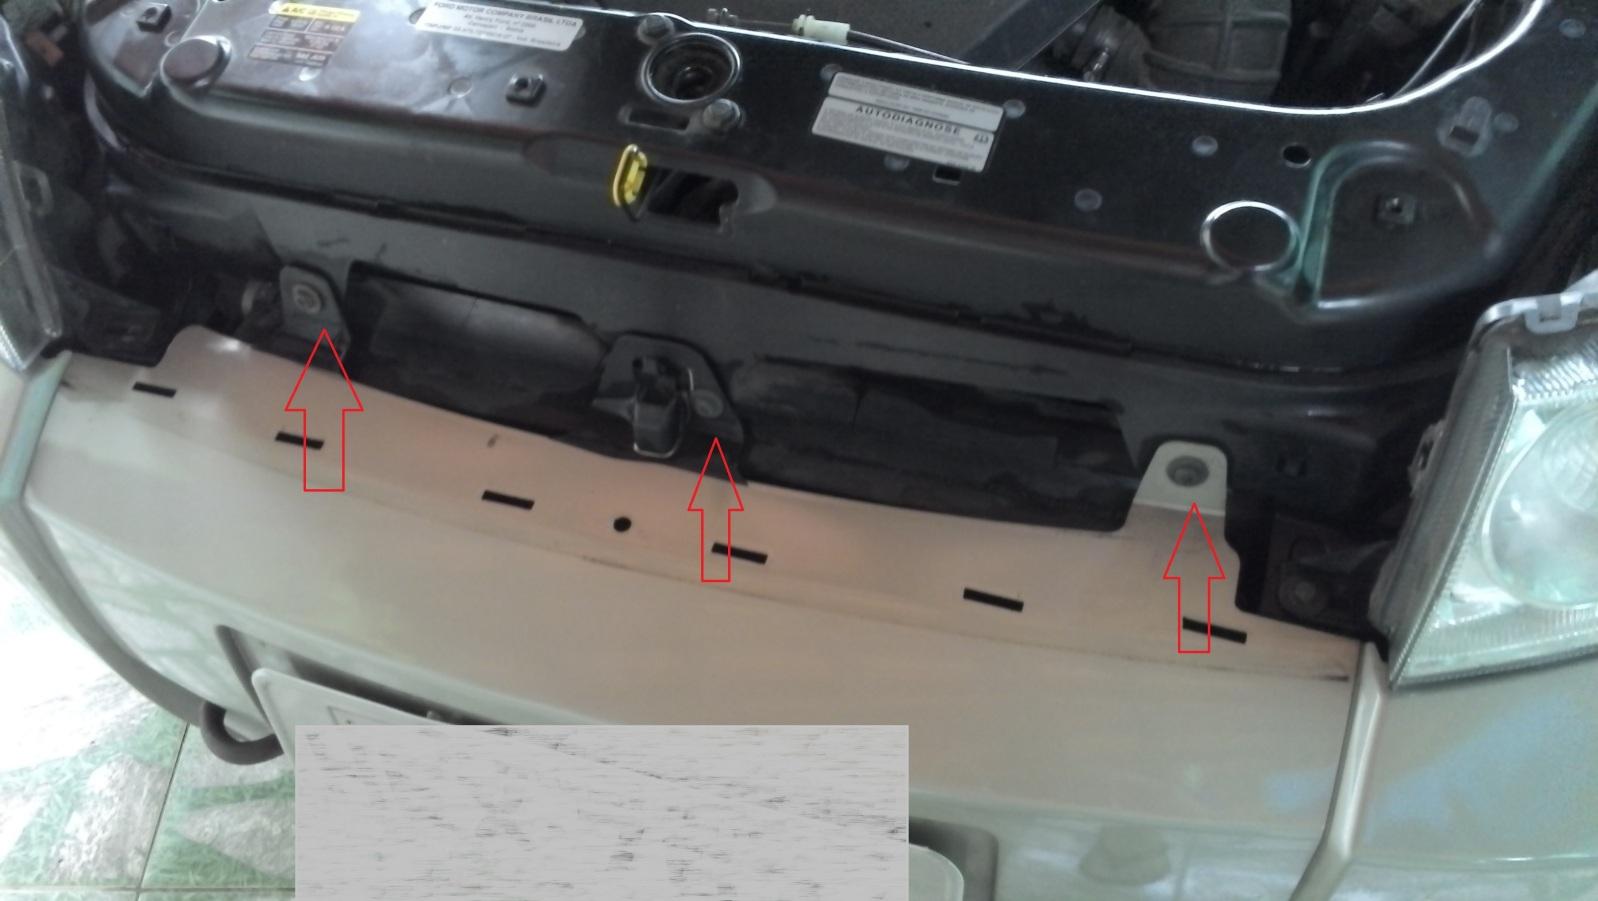 Retirar a grade dianteira do Ecosport 2012 modelo antigo 214yqnd